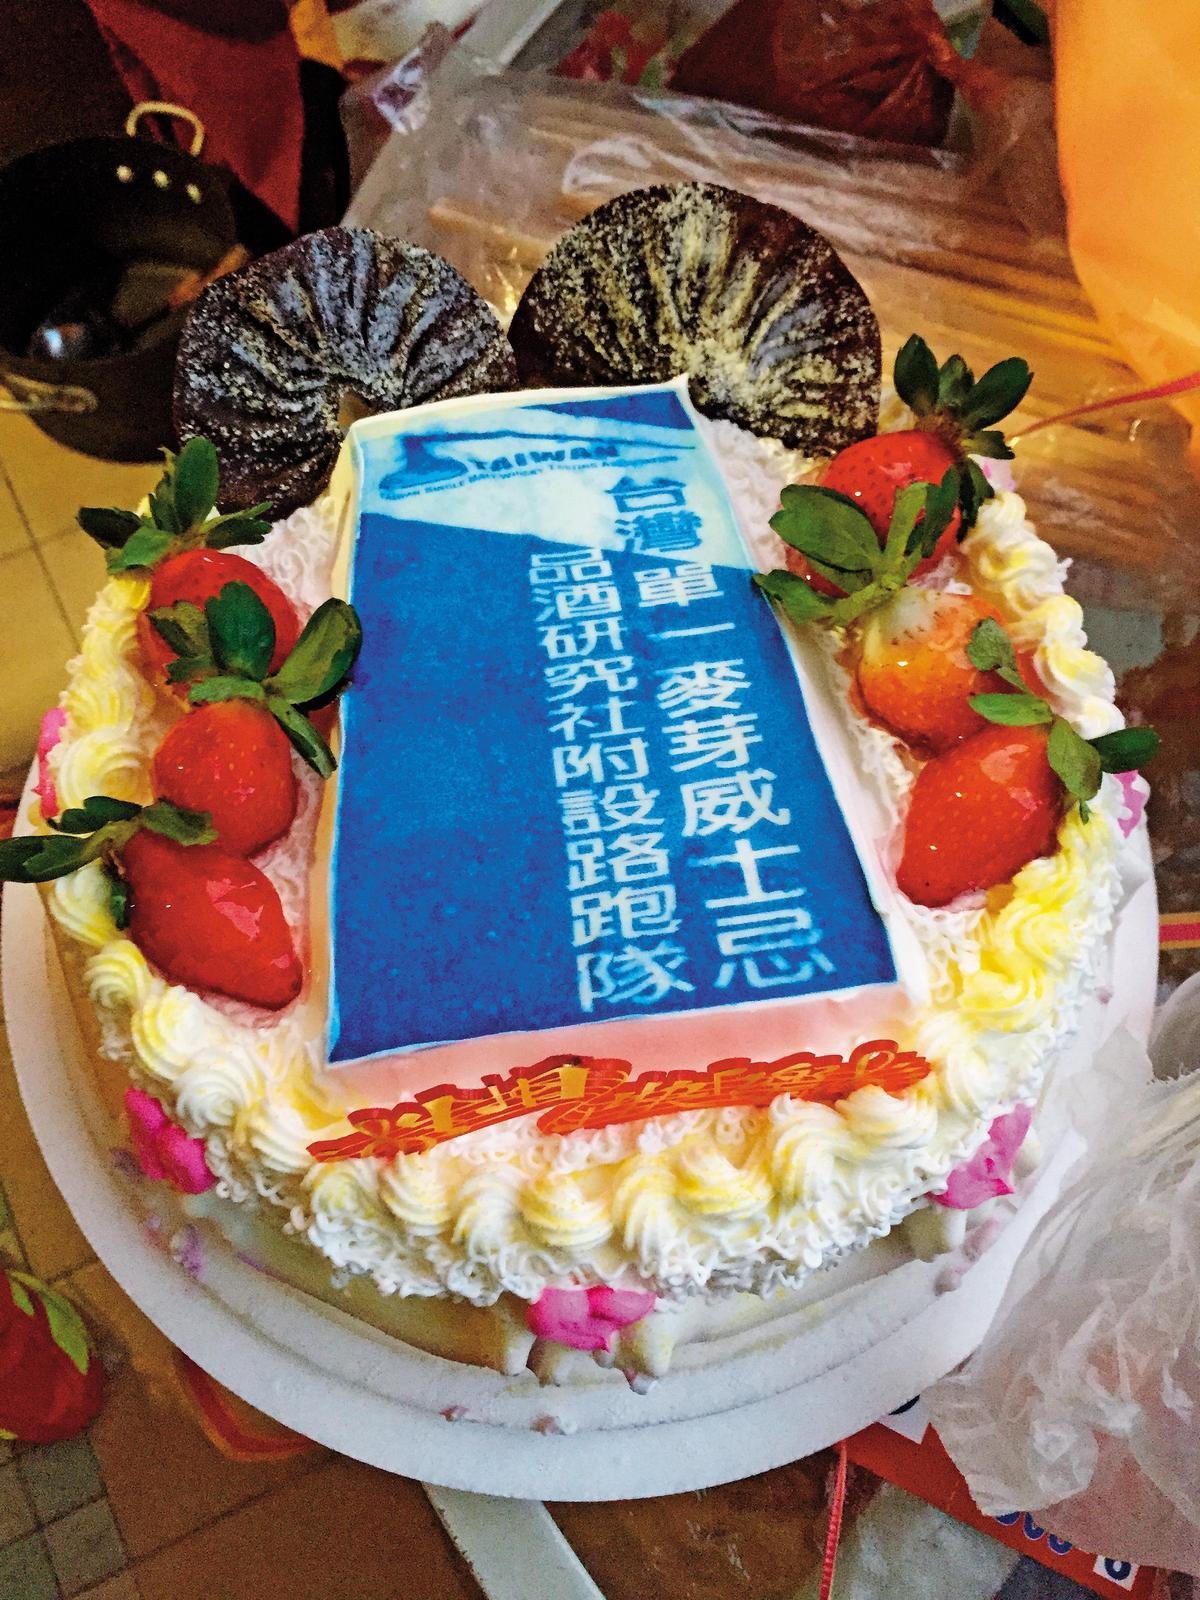 2015年11月22日東吳超馬接力賽,隊員製作社旗與蛋糕。